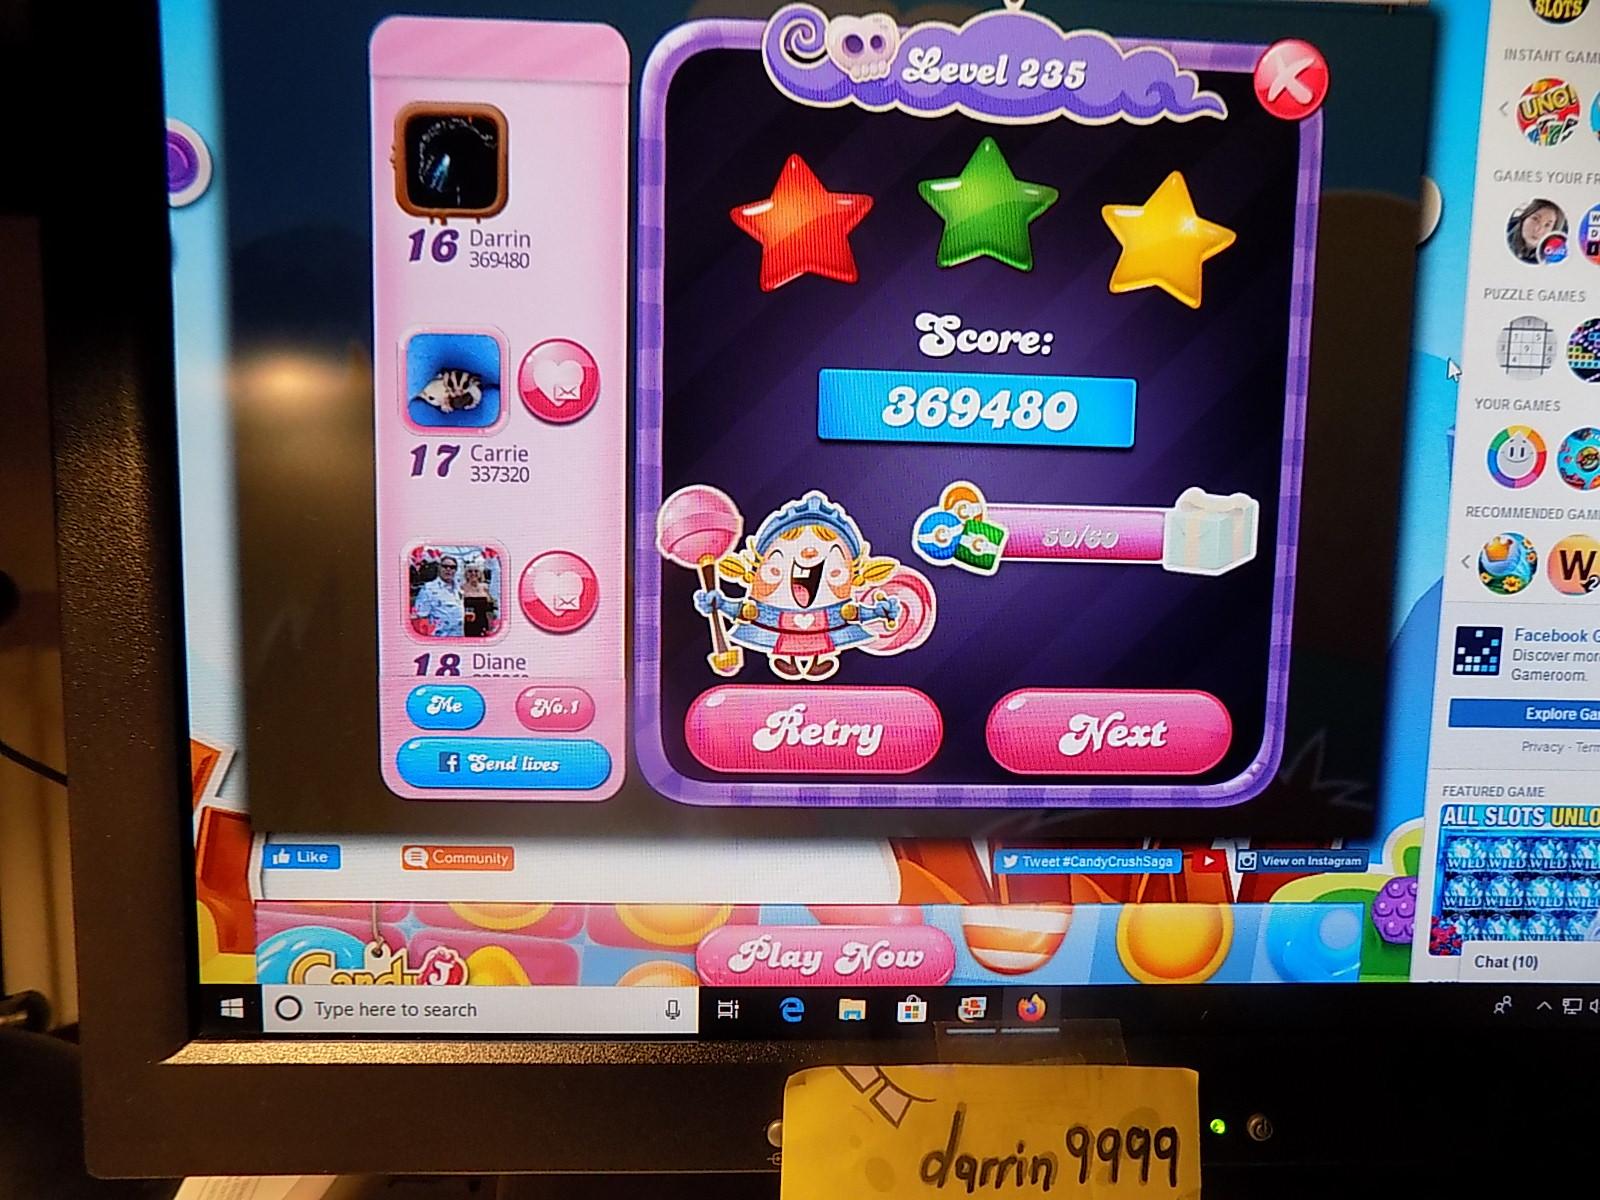 darrin9999: Candy Crush Saga: Level 235 (Web) 369,480 points on 2019-12-25 07:26:11